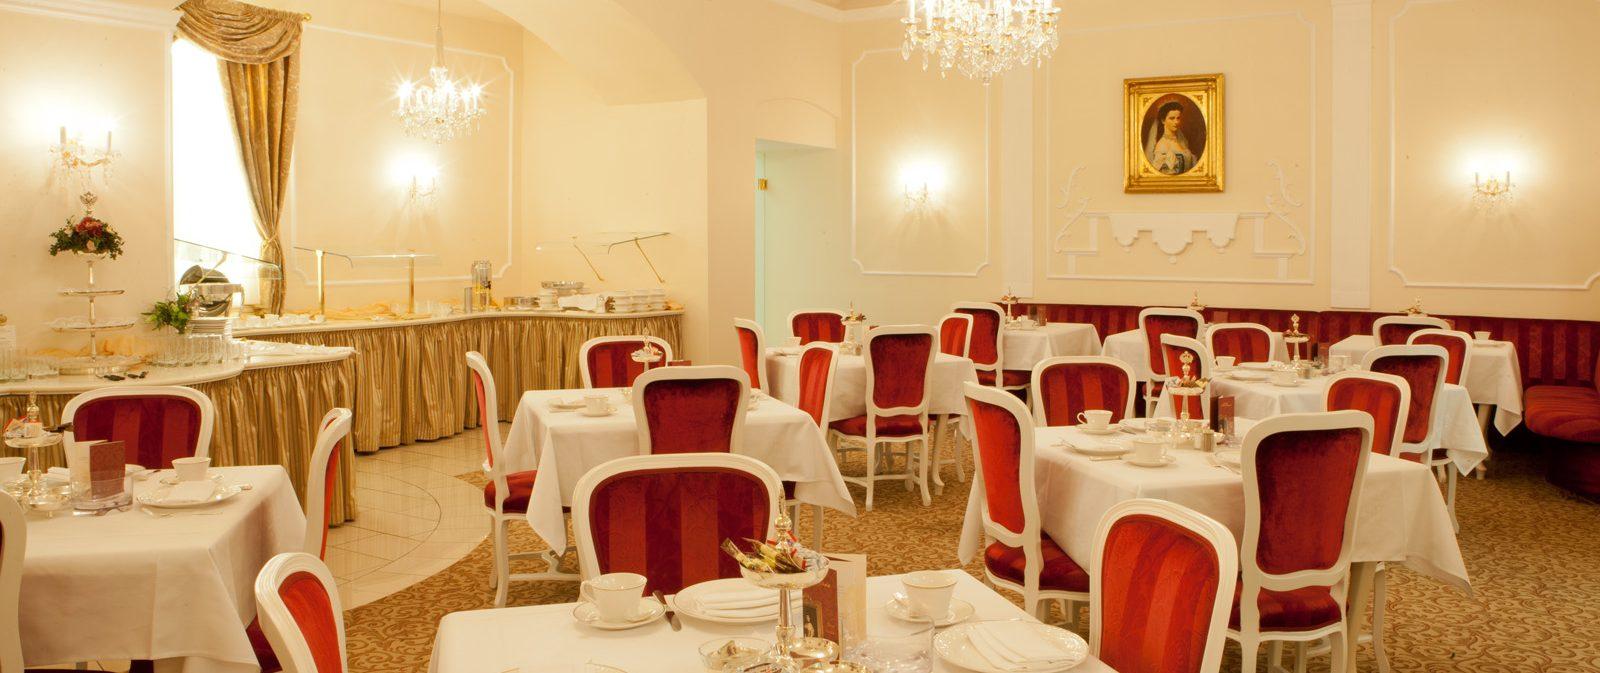 Frühstücksraum mit roten Sesseln